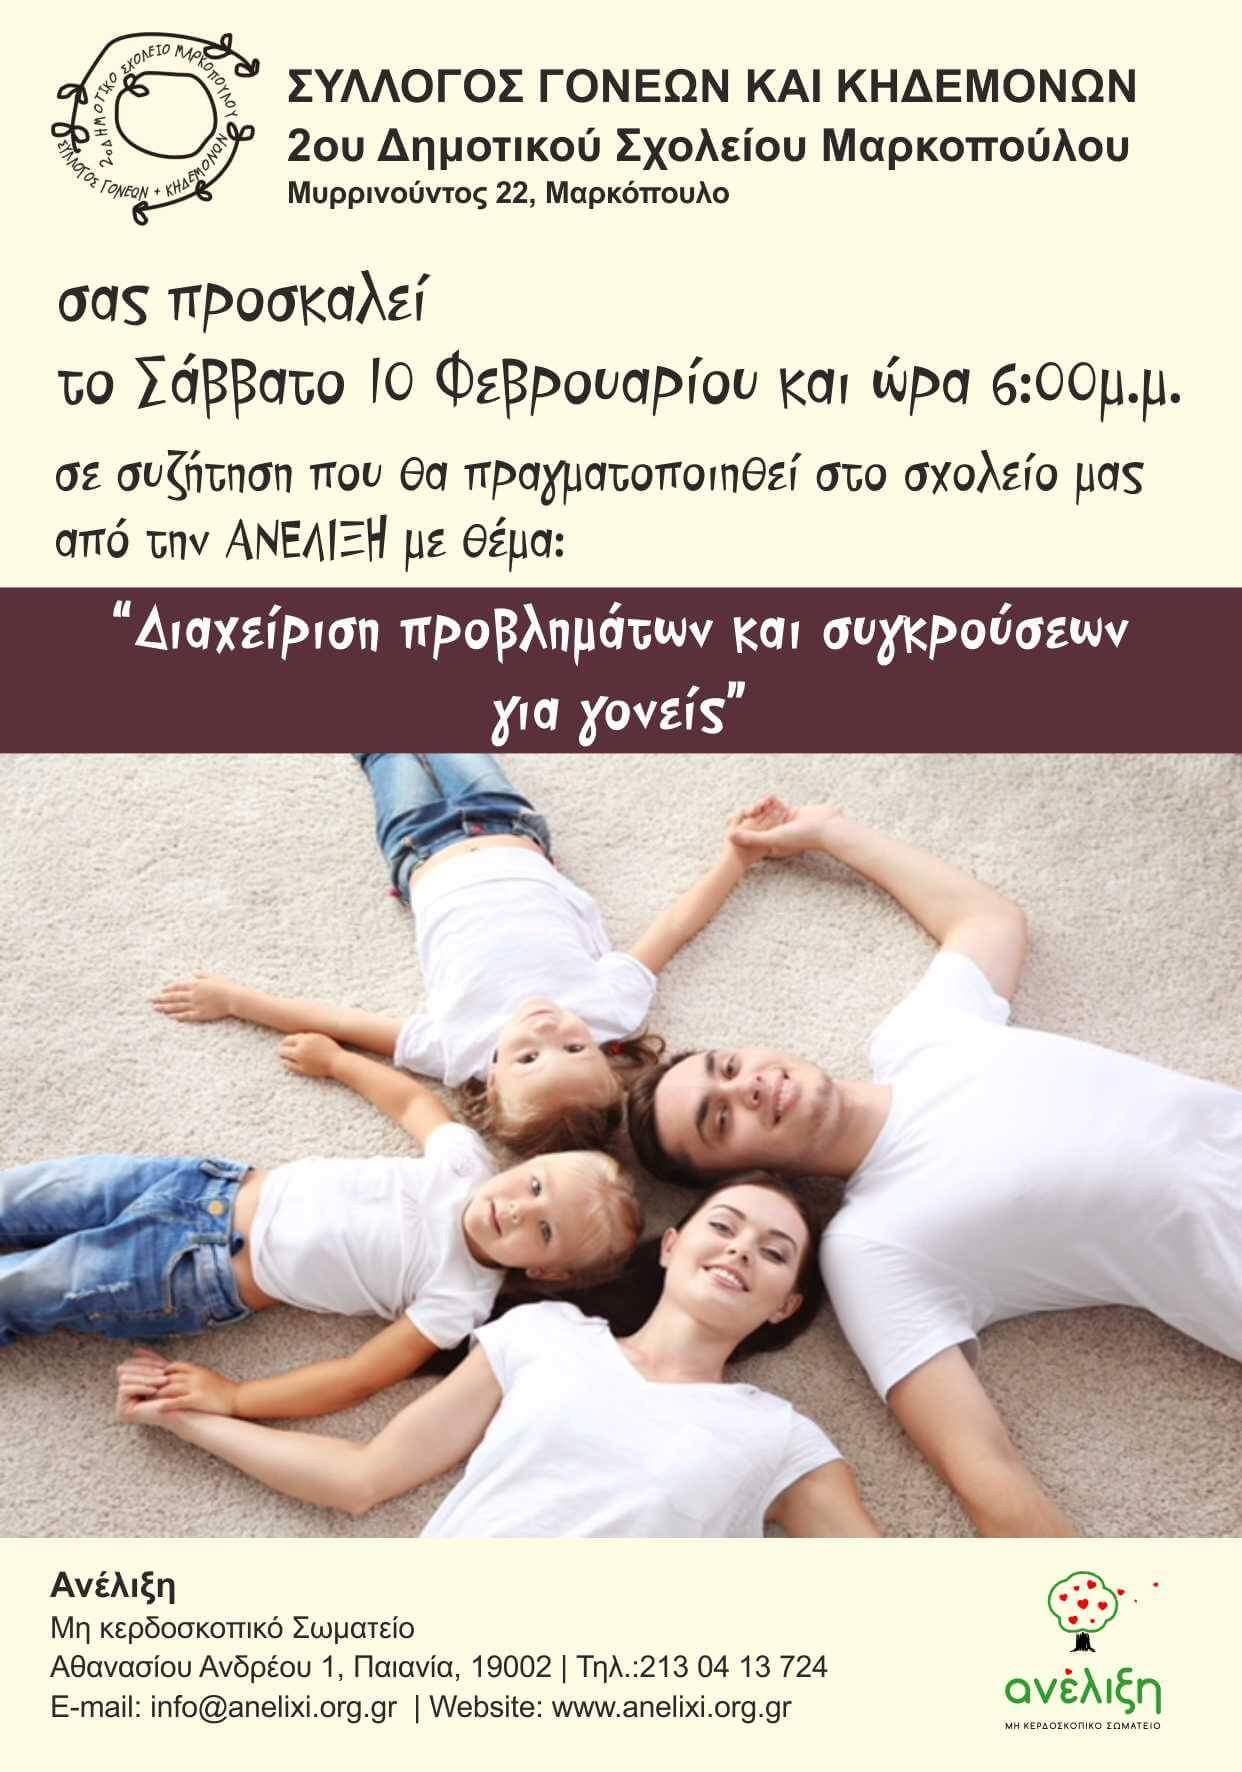 """Σύλλογος Γονέων και Κηδεμόνων 2ου Δημοτικού Σχολείου Μαρκοπούλου: Συζήτηση με θέμα τη """"Διαχείριση προβλημάτων και συγκρούσεων για γονείς"""""""